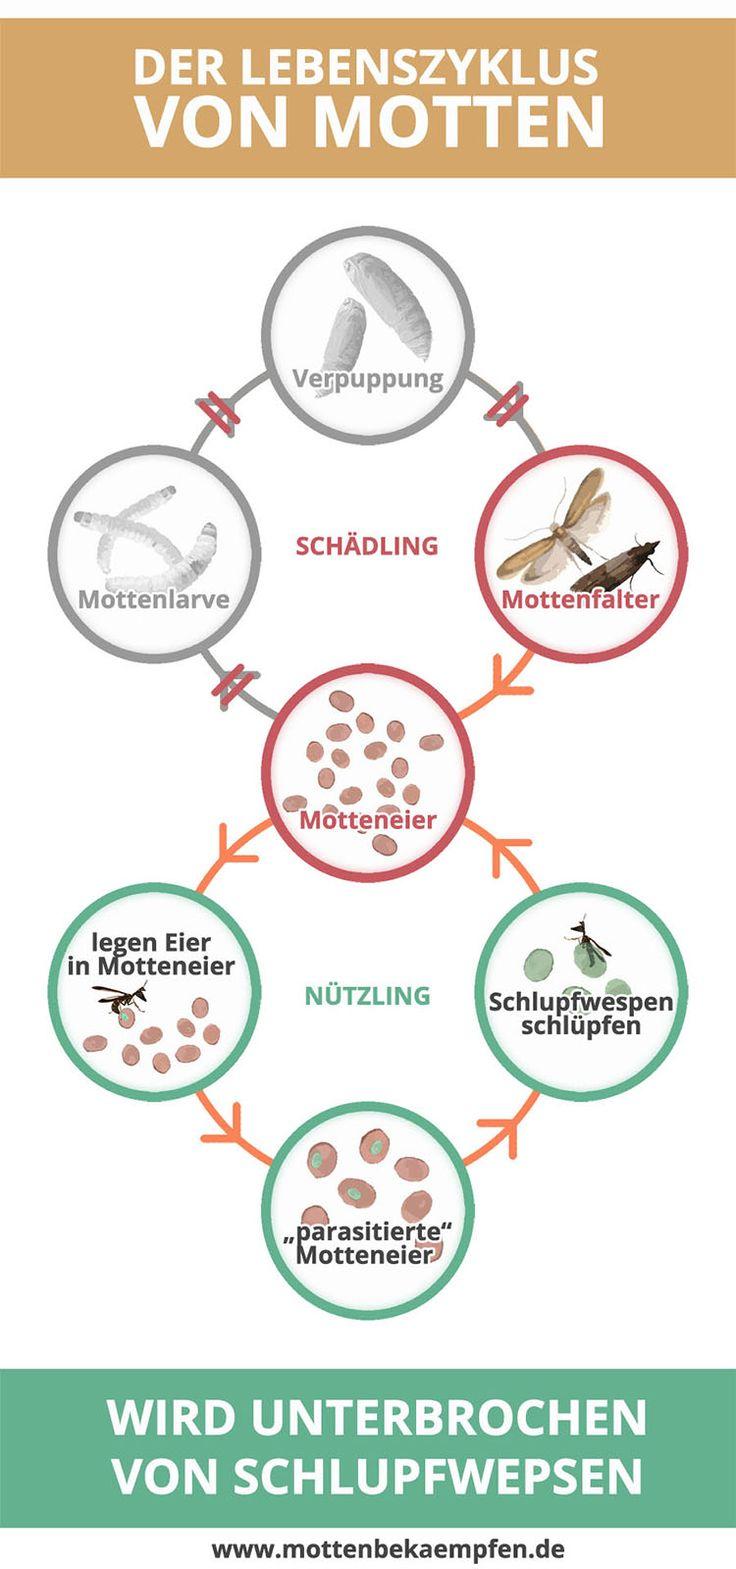 Superb Der Lebenzyklus von Motten wird durch Schlupfwespen unterbrochen Motten bek mpfen mit Schlupfwespen ist sehr effizient